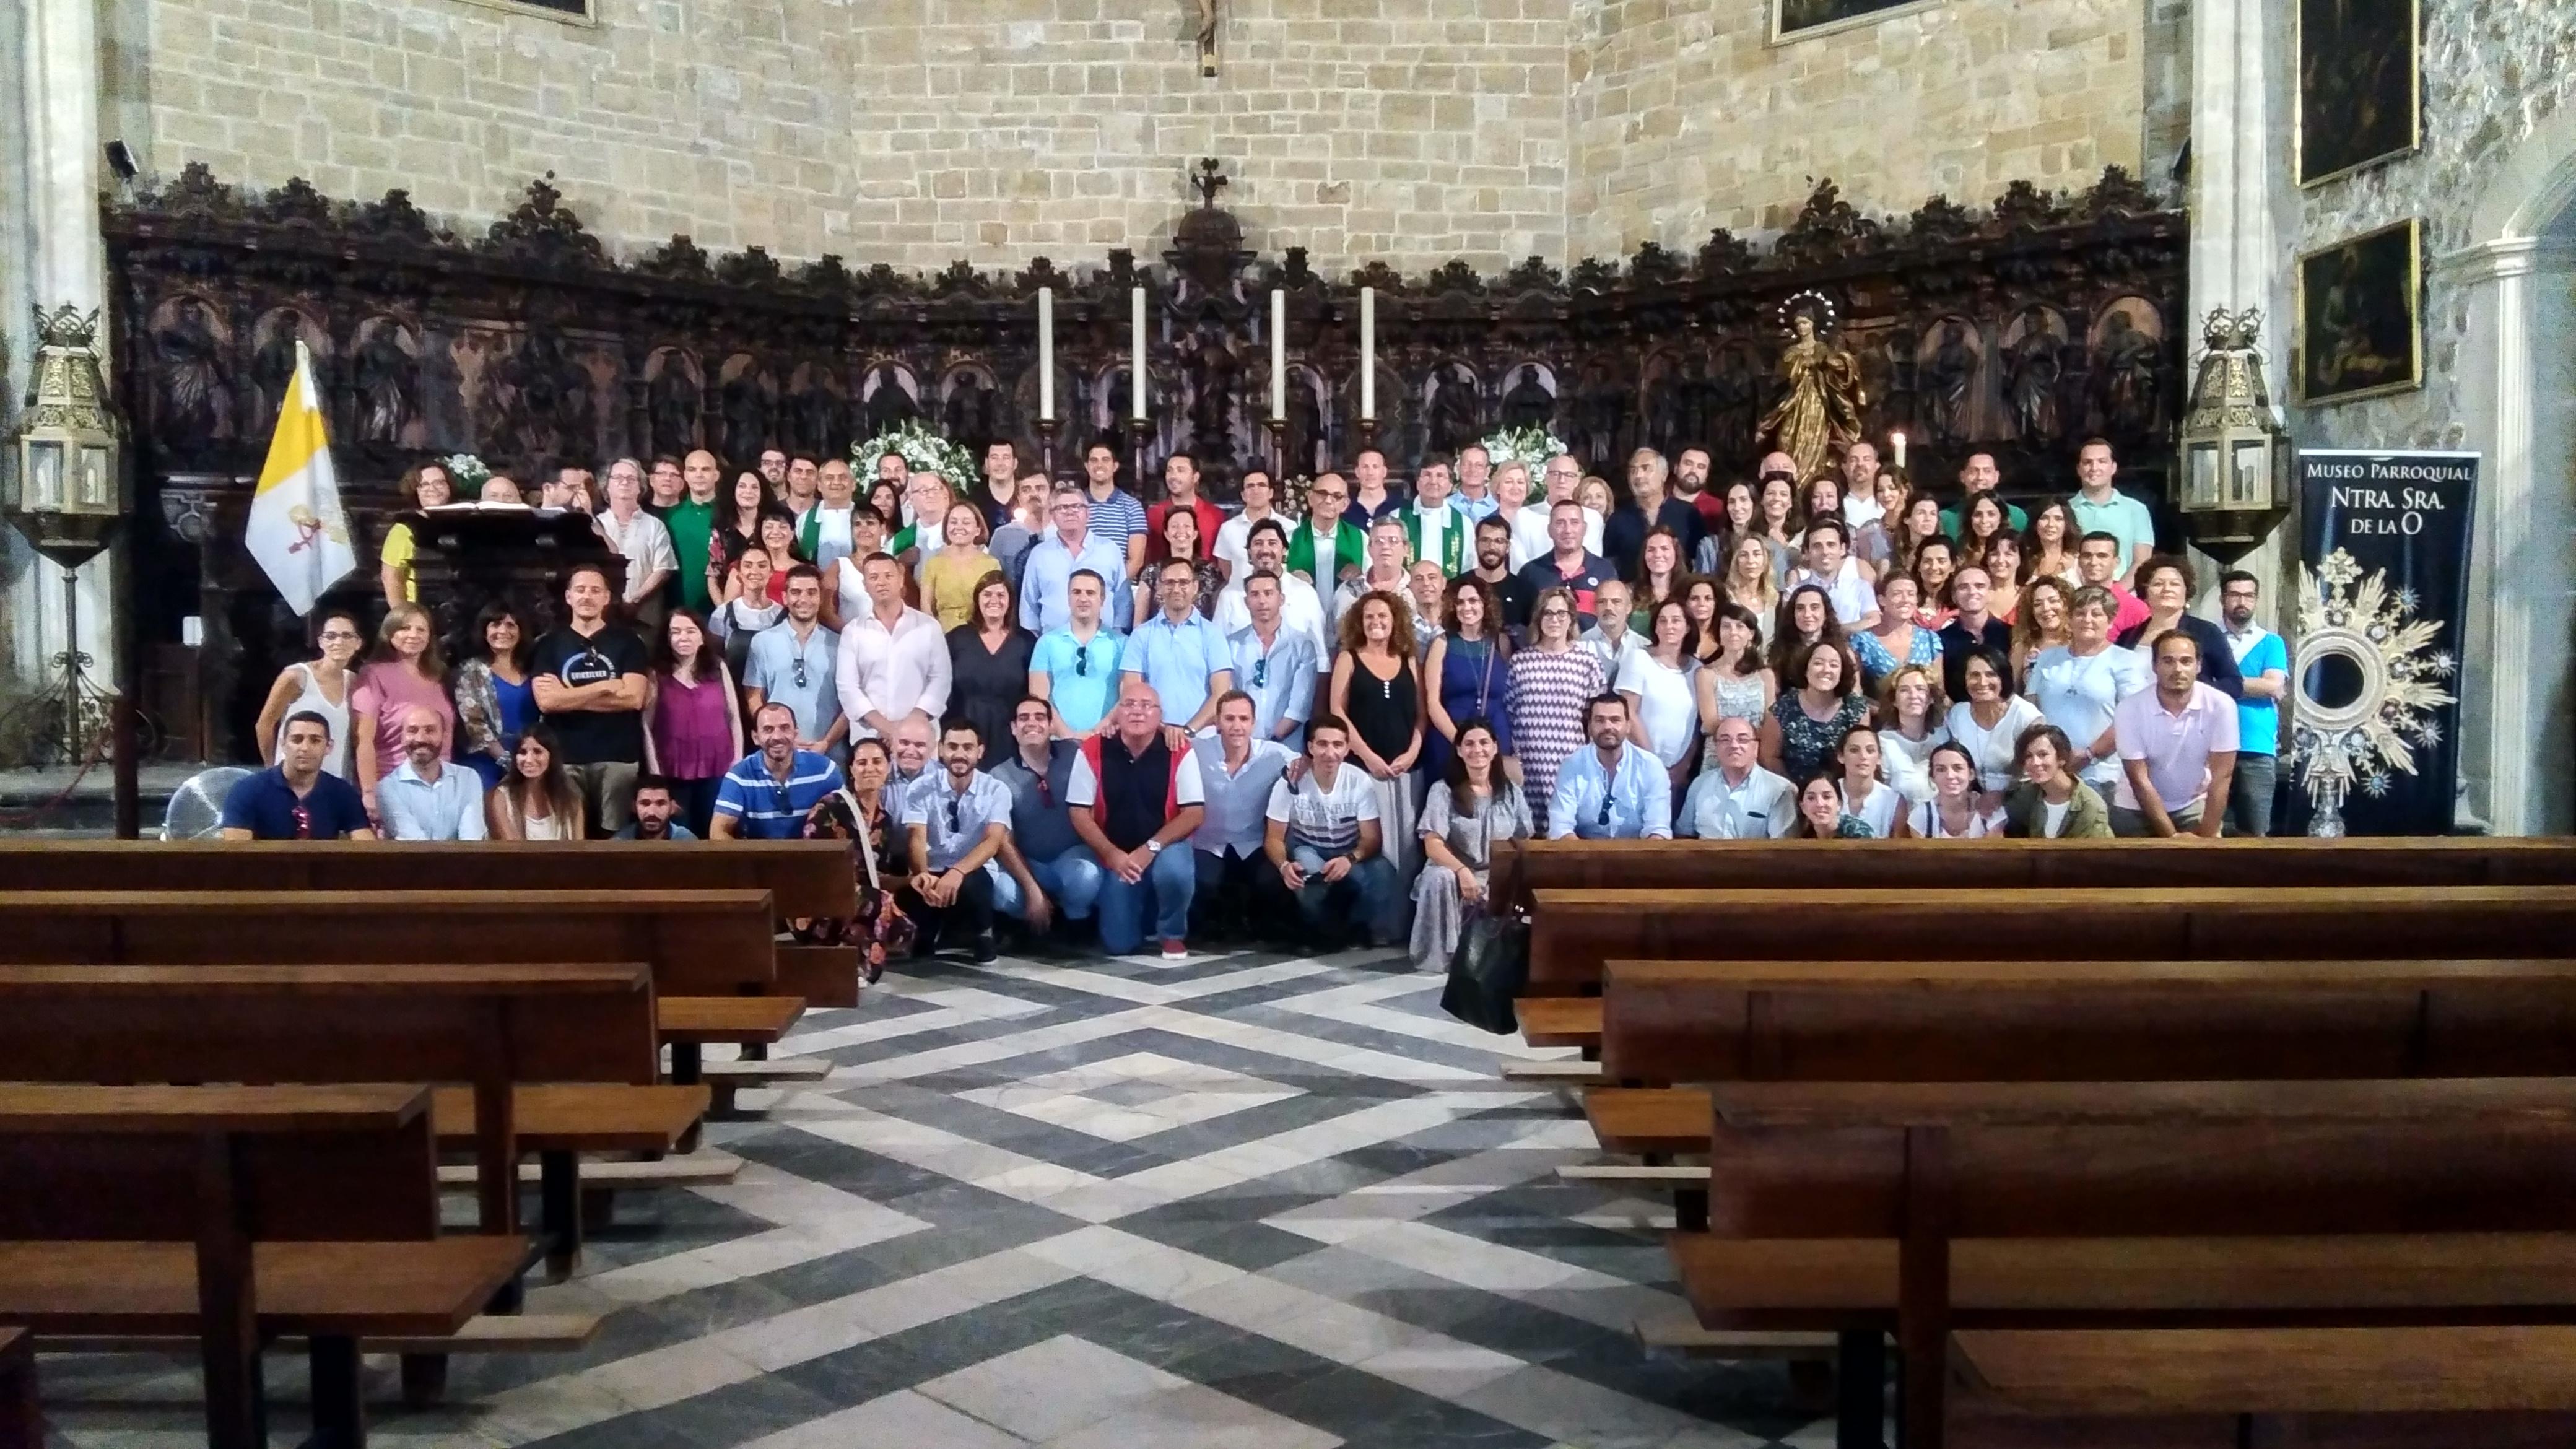 Convivencia del personal de las tres casas salesianas de Jerez (Lora-Tamayo y Oratorio) y Rota